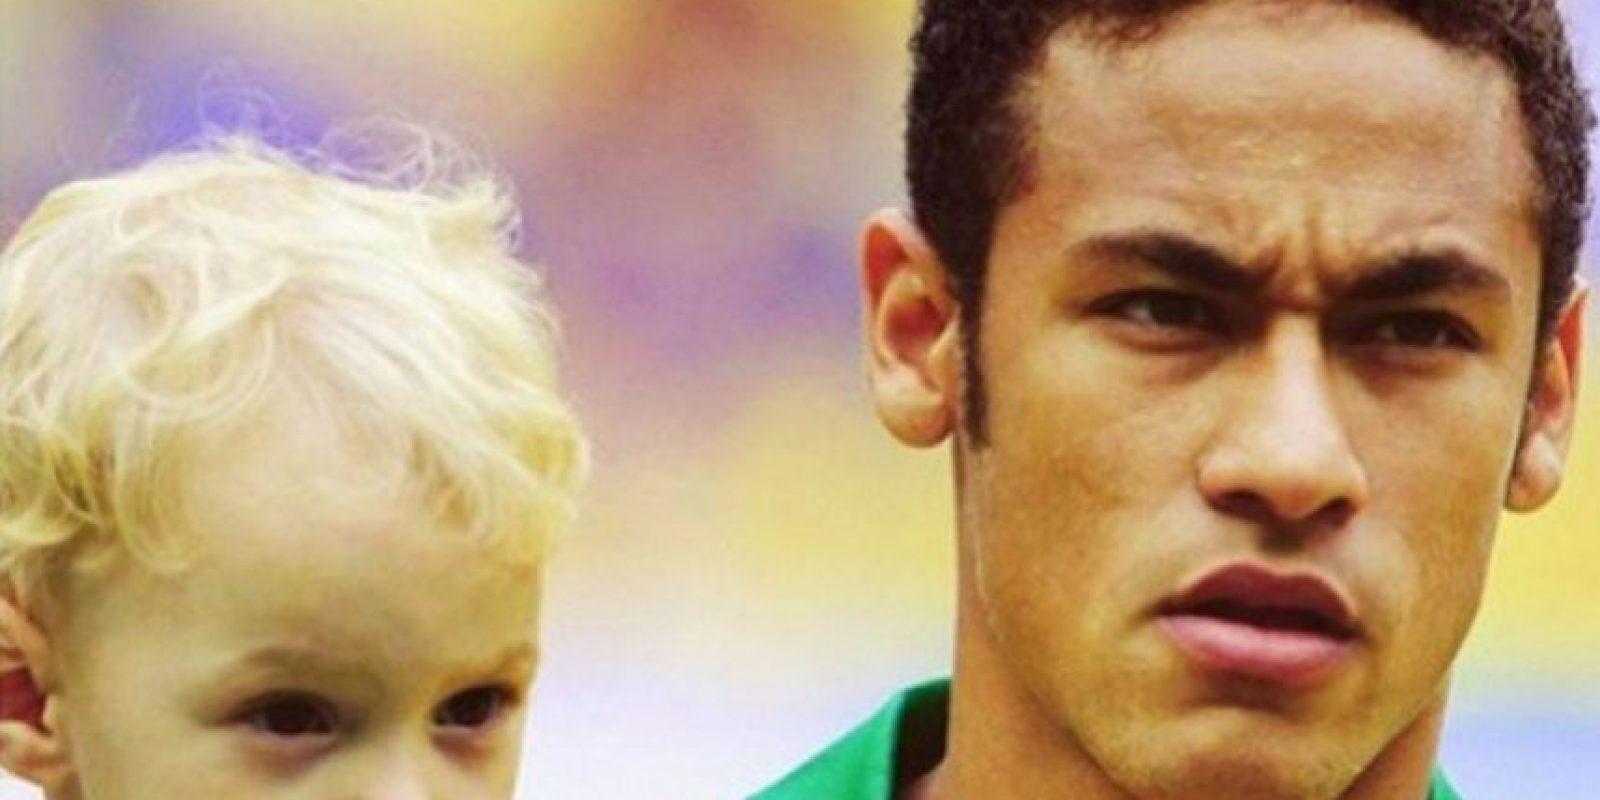 Carolina Dantas es la madre de David Lucca y fue novia de Neymar durante varios meses. Foto:instagram.com/neymarjr